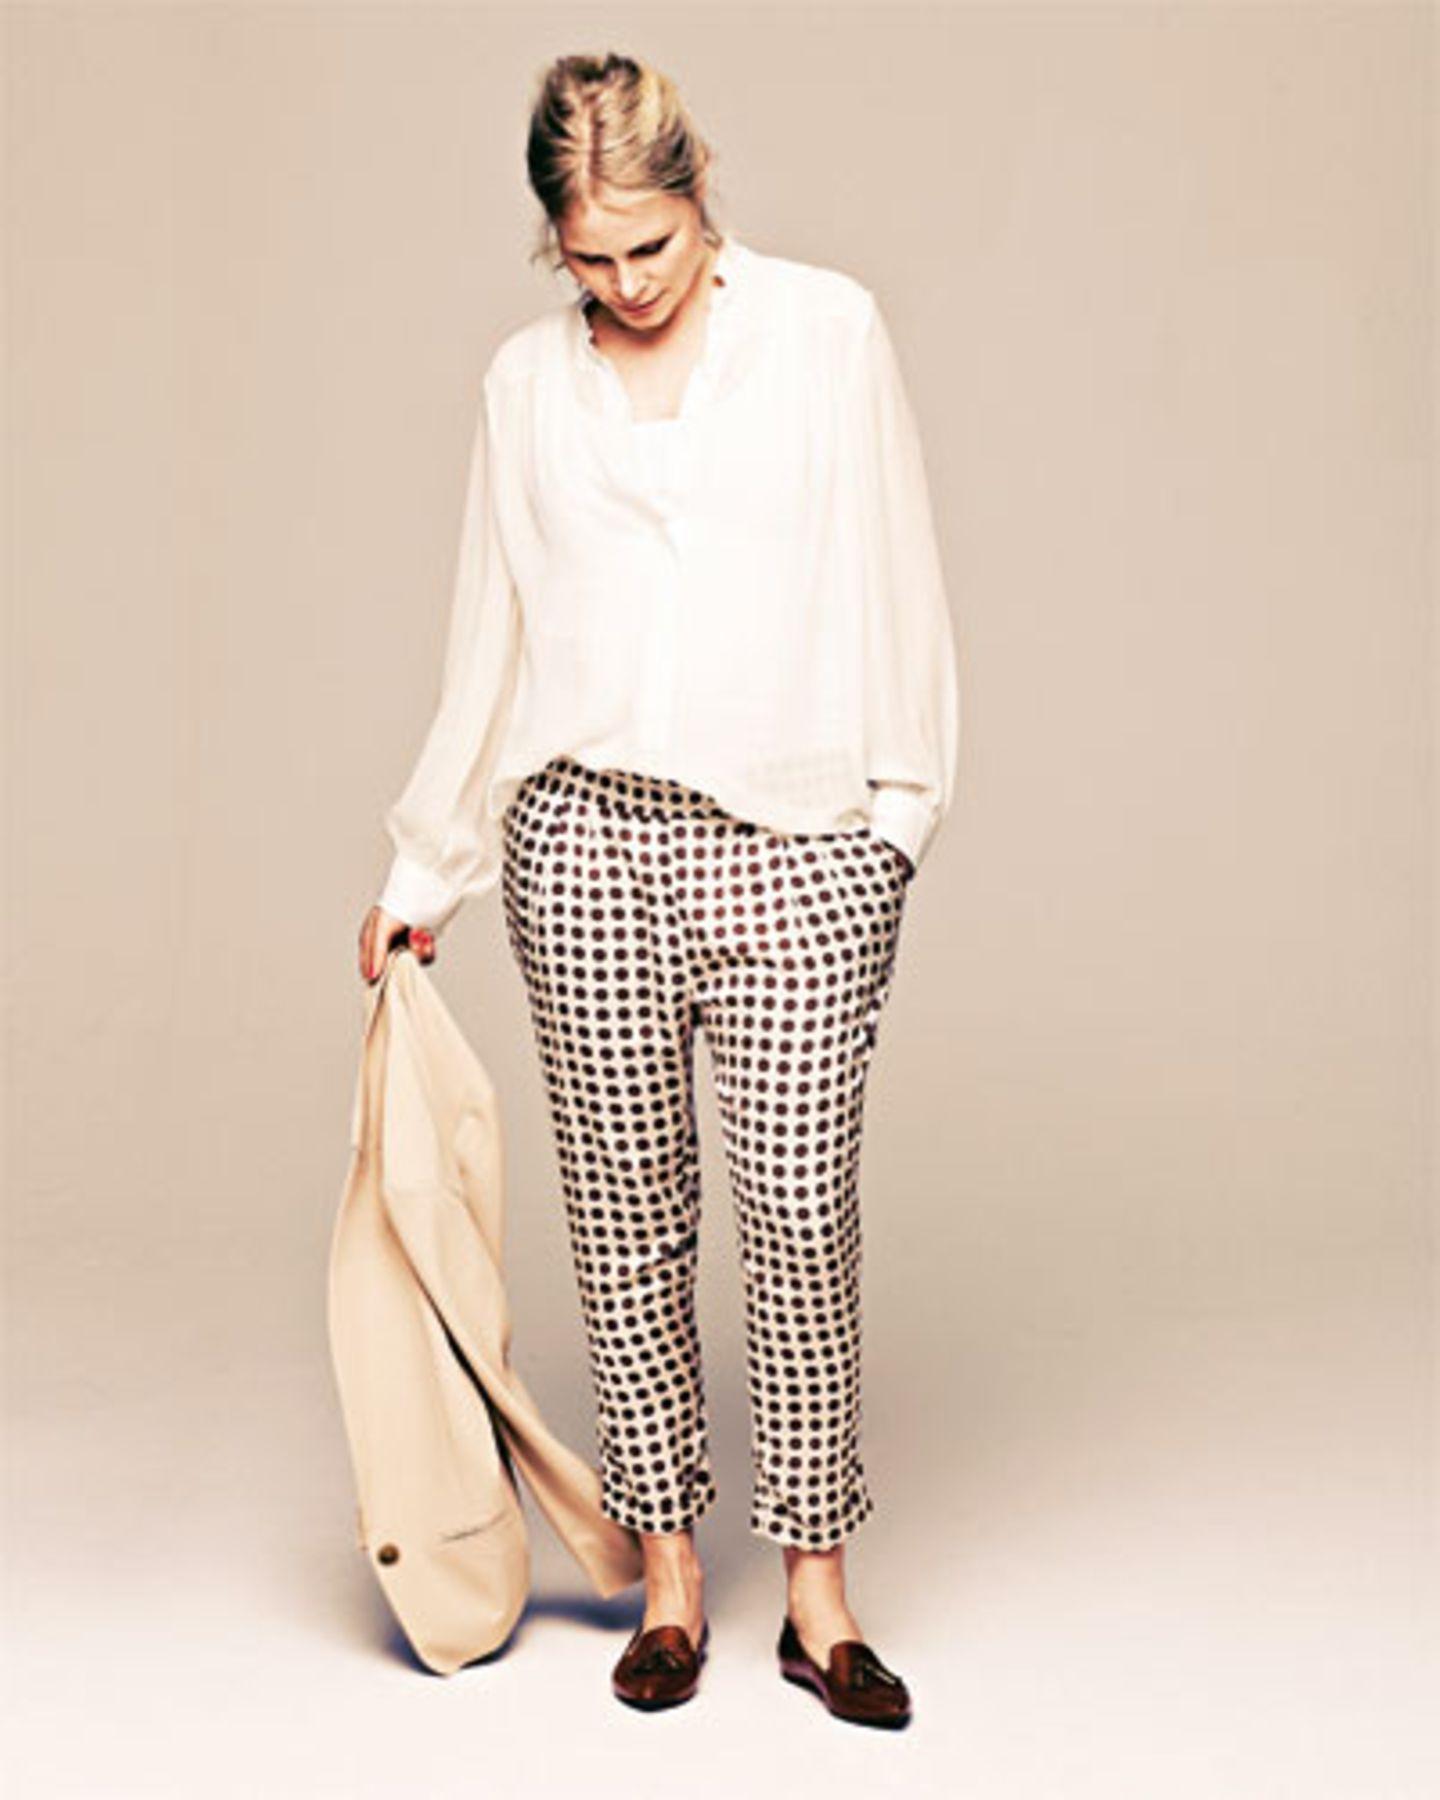 Hosen im Pyjama-Stil sind nicht nur gerade sehr modisch, sie passen dank Gummibündchen außerdem noch lange. Hose: Liu Jo, ca. 120 Euro. Sehr weite transparente Bluse: Strenesse, ca. 330 Euro. Top: Bellybutton, ca. 30 Euro. Blazer: Marc Cain, ca. 250 Euro. Schuhe: Vagabond.